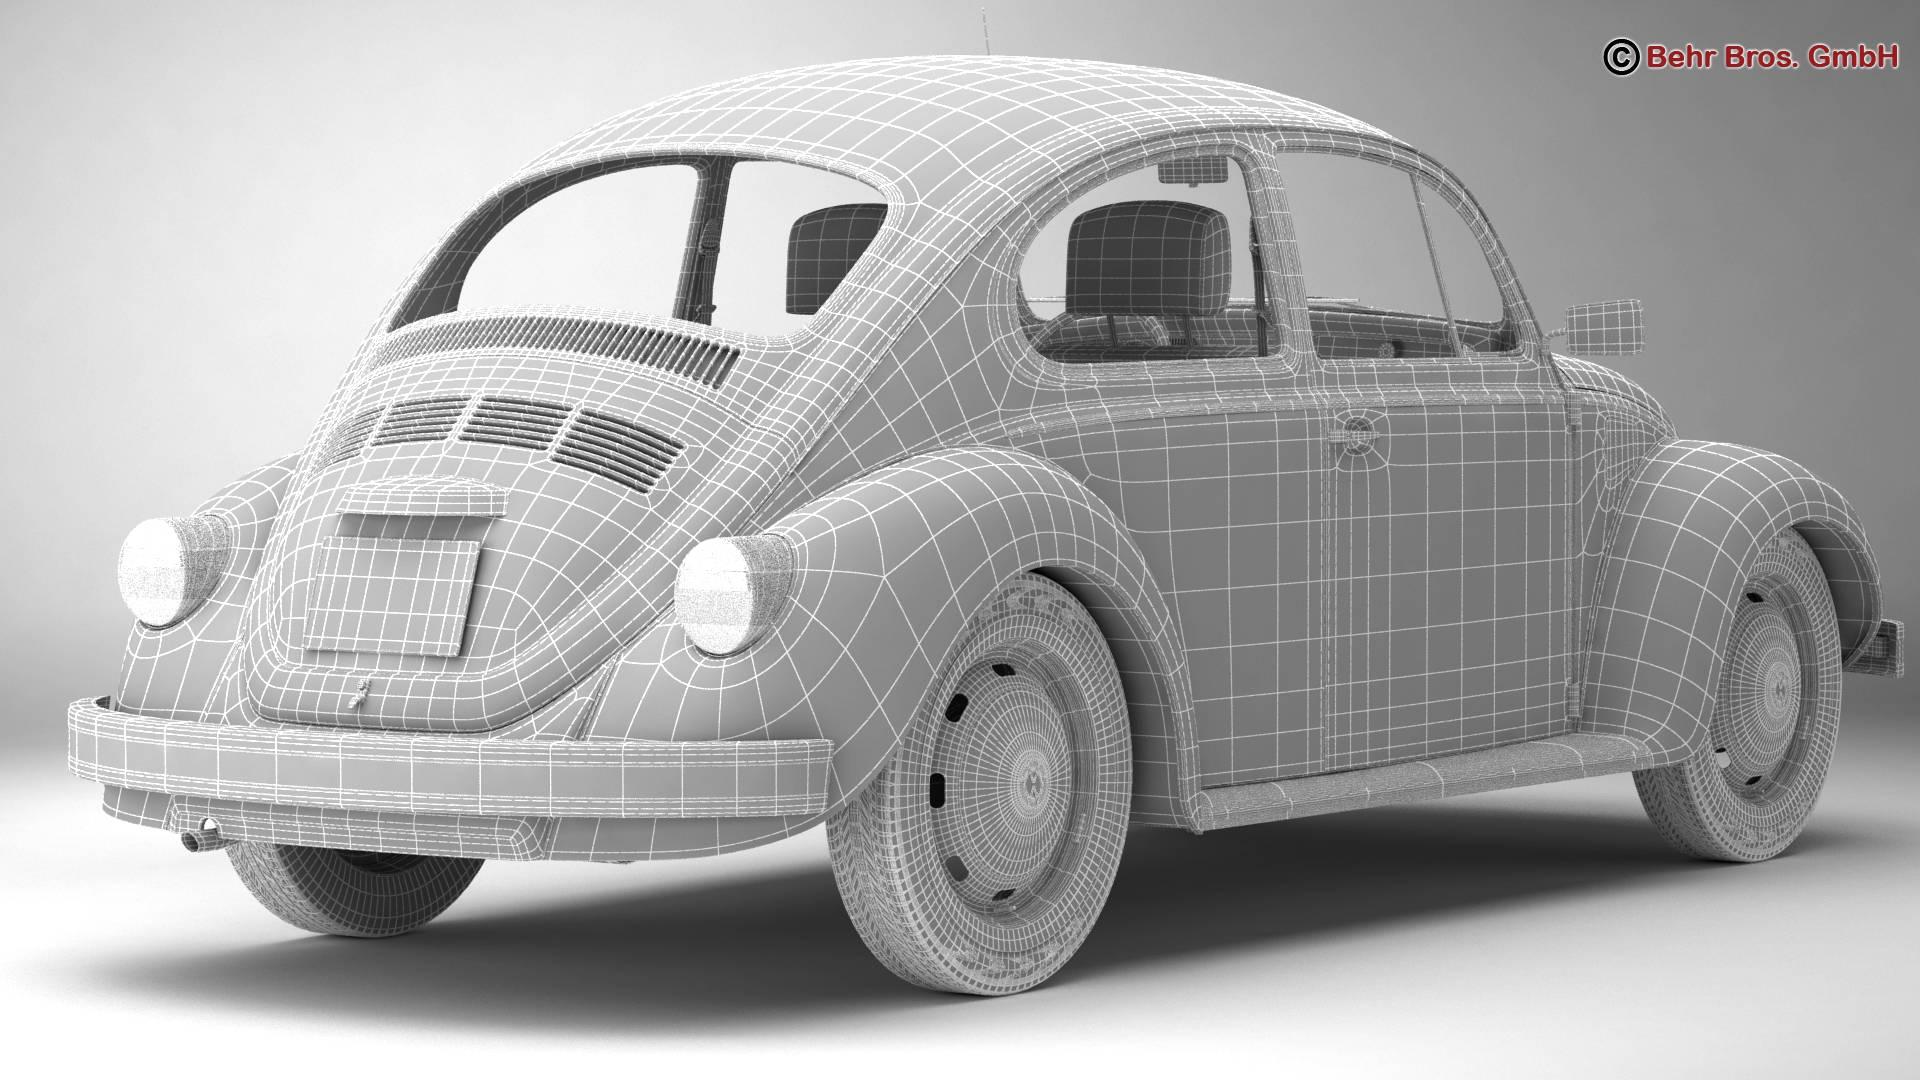 volkswagen beetle 2003 ultima edicion 3d model 3ds max fbx c4d lwo ma mb obj 220895